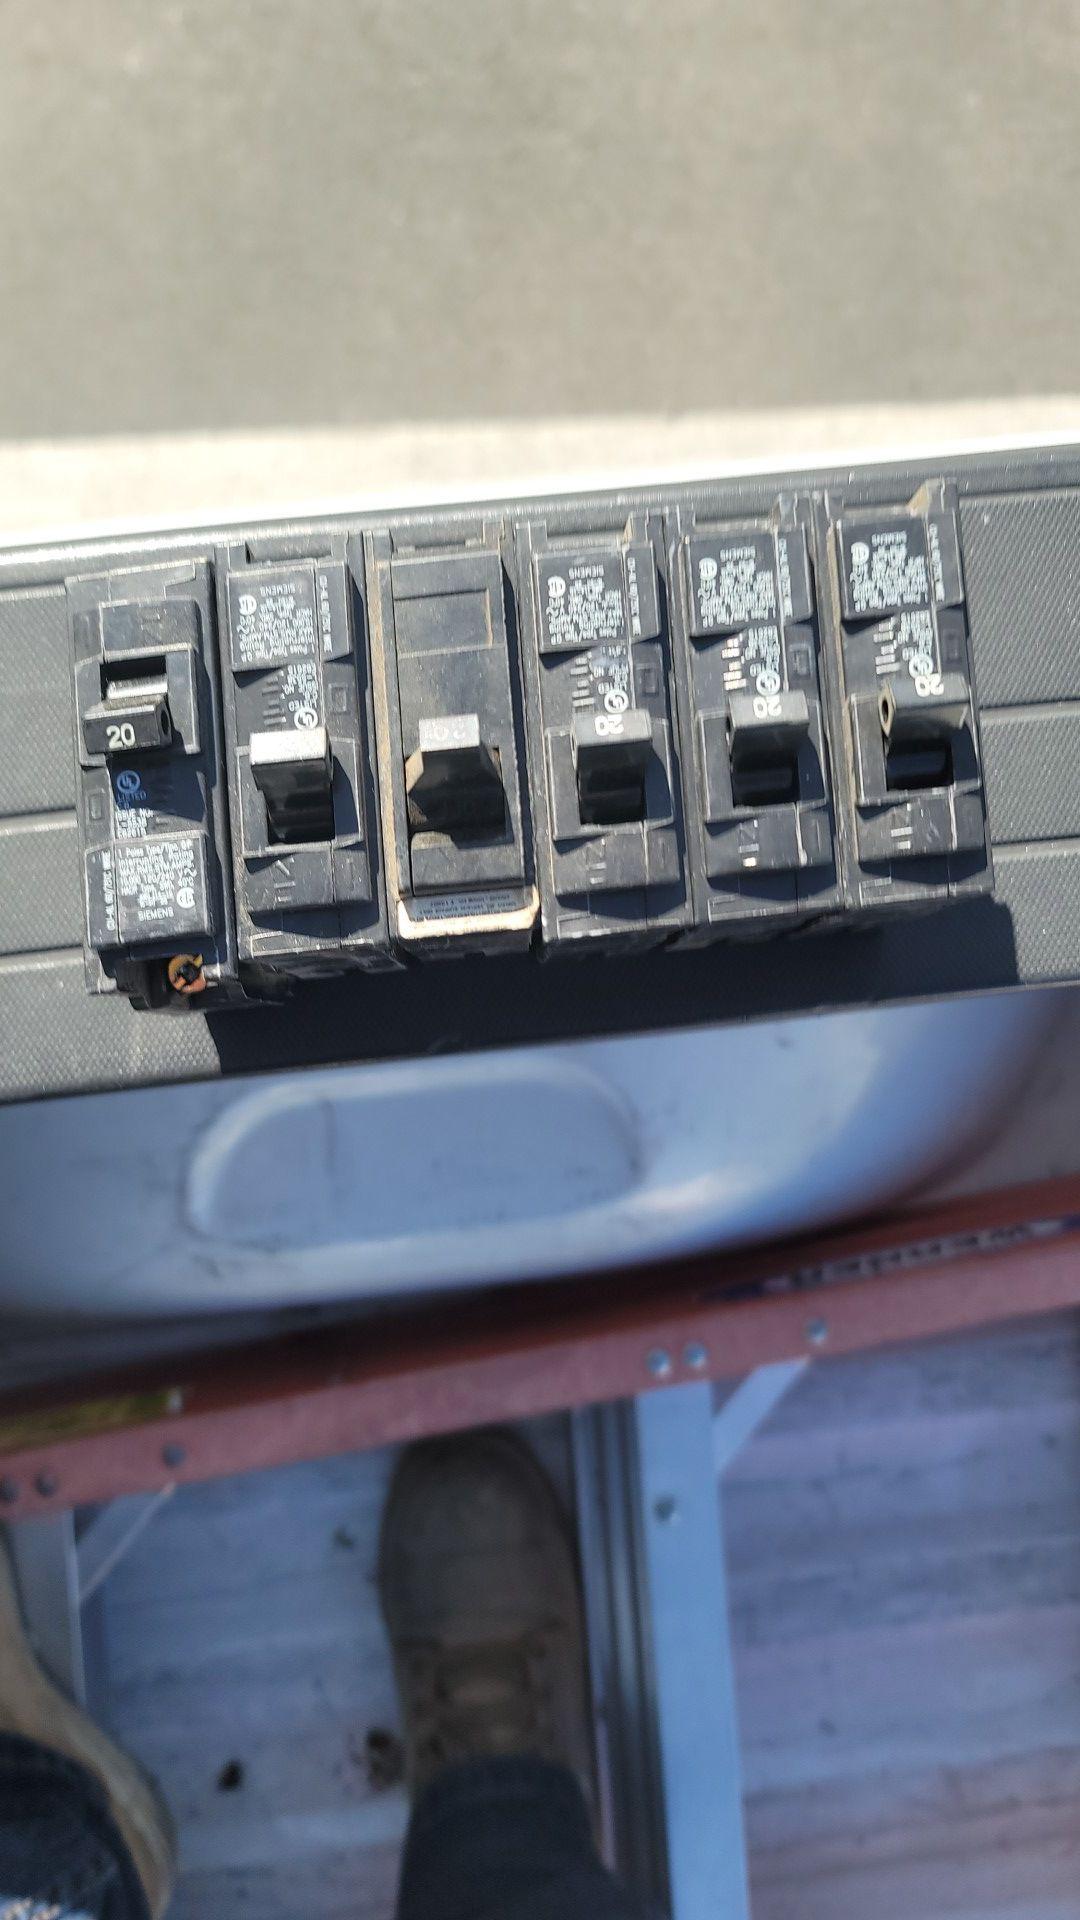 6- 20 amp breakers for seimens qp panel